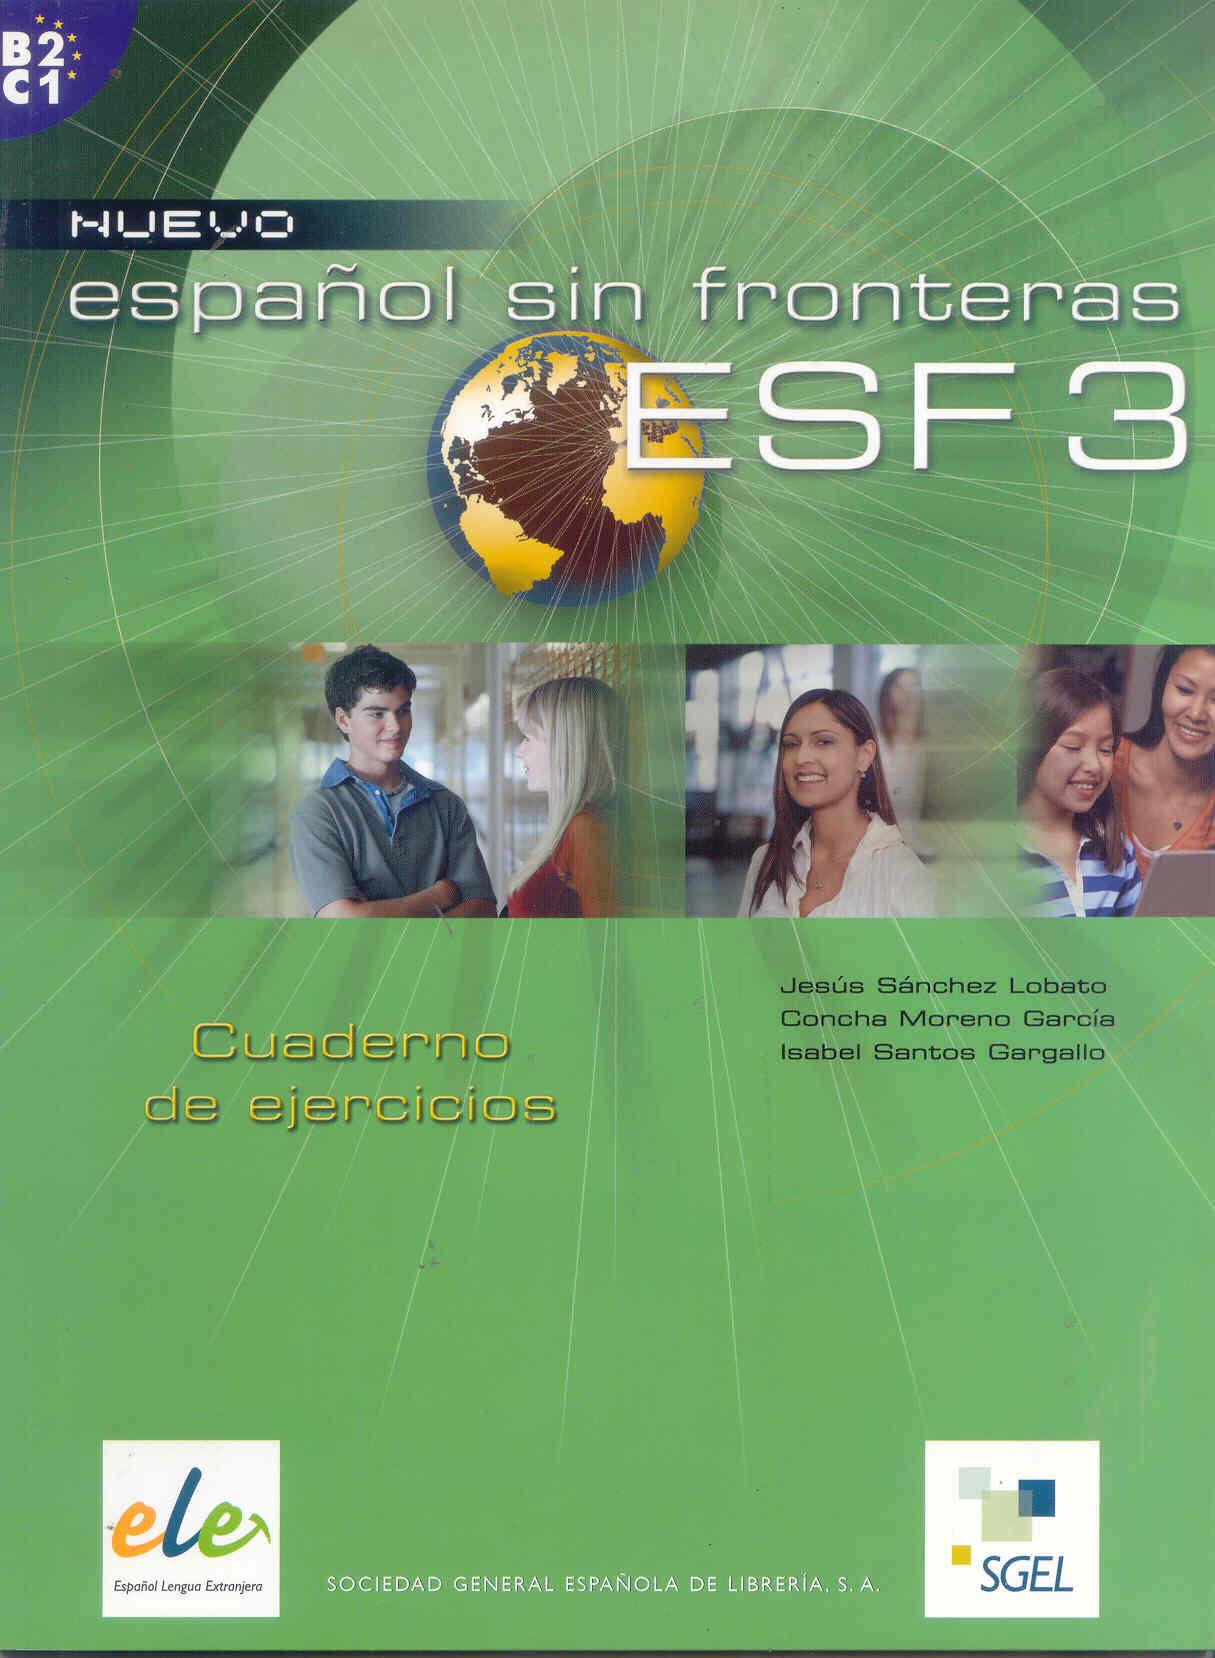 Nuevo Español Sin Fronteras 3. Cuaderno De Ejercicios por Vv.aa. epub